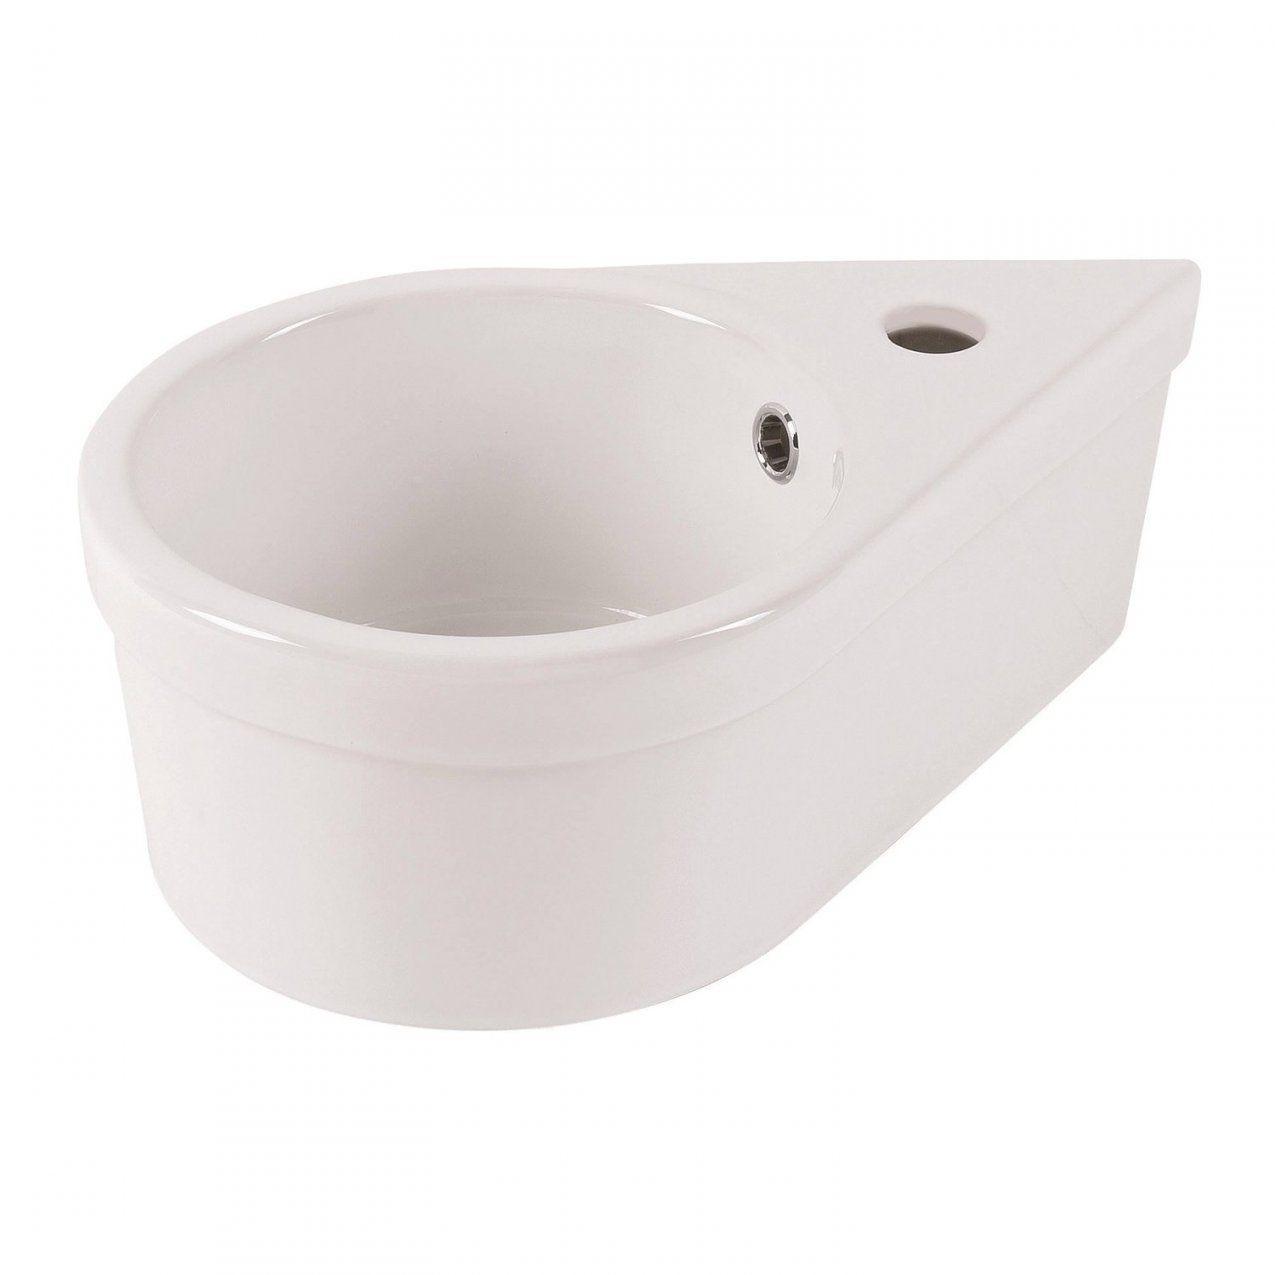 Waschbecken Online Kaufen Bei Obi von Waschbecken Rund 30 Cm Bild